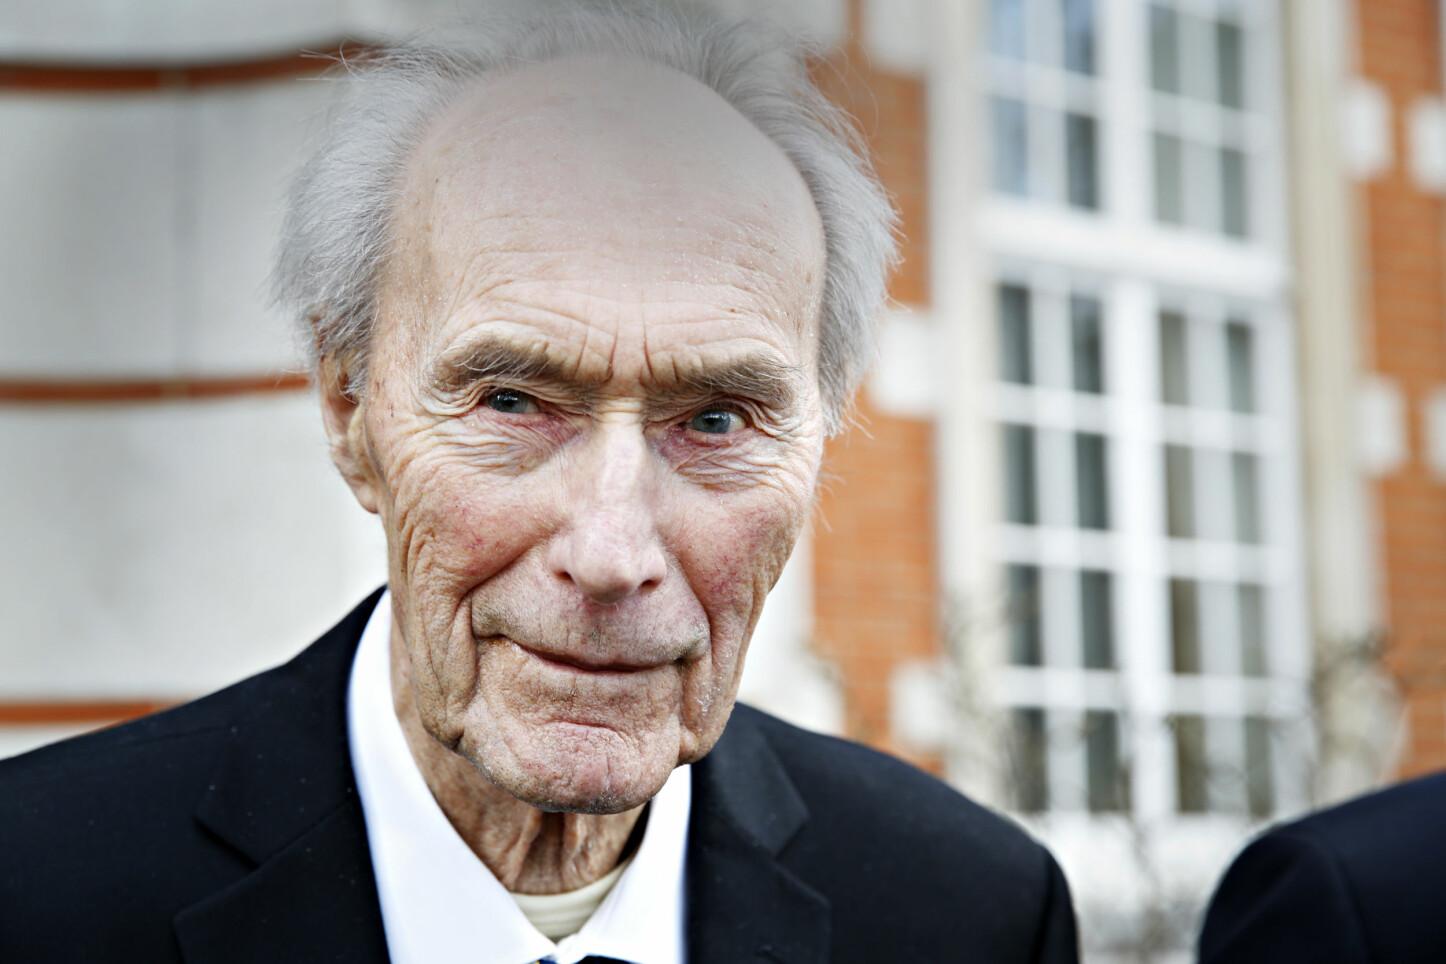 <b>TUNGTVANNS-LEDER:</b> JOachim Rønneberg ledet aksjonen mot tungtvannsanlegget på Vemork i Rjukan under andre verdenskrig. Rønneberg sovnet stille inn 21. oktober 2018, 99 år gammel.